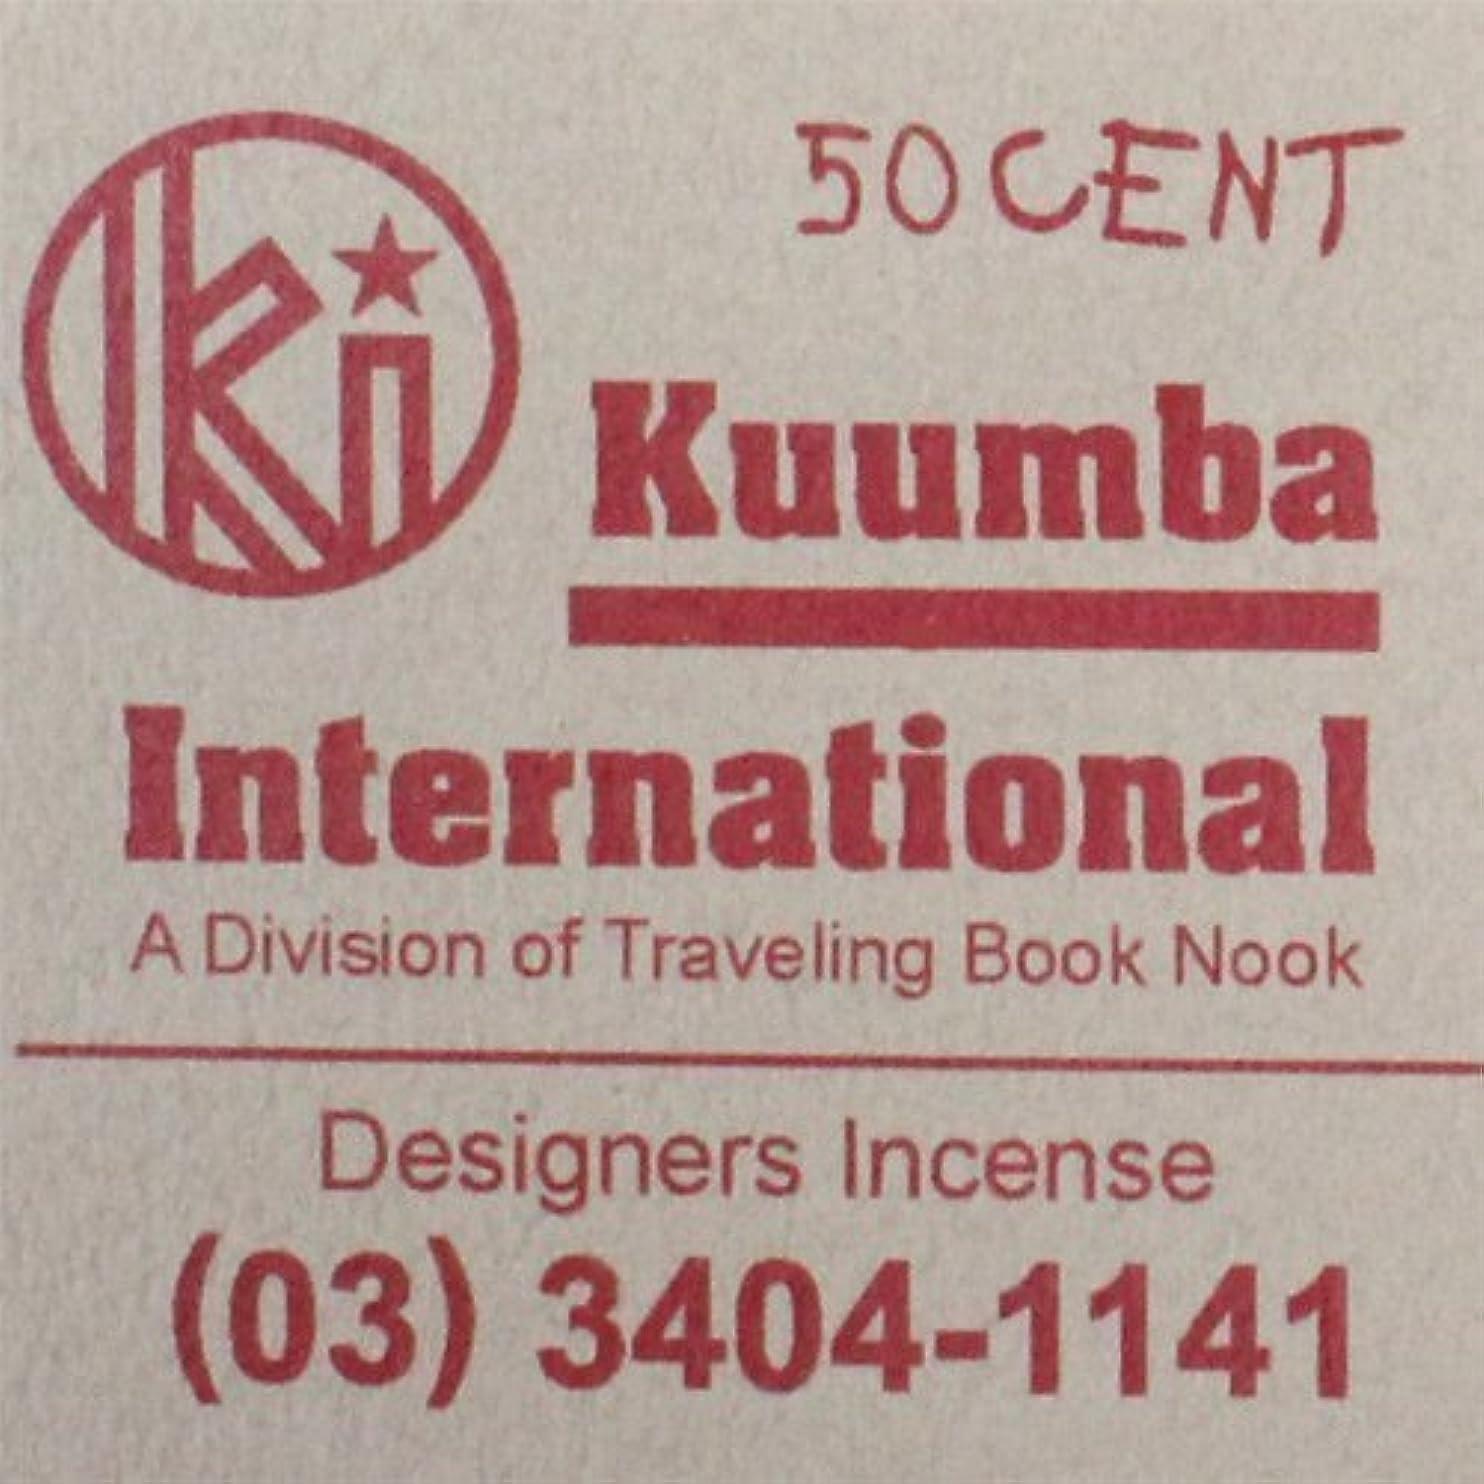 誠実さフクロウ地理KUUMBA / クンバ『incense』(50CENT) (Regular size)